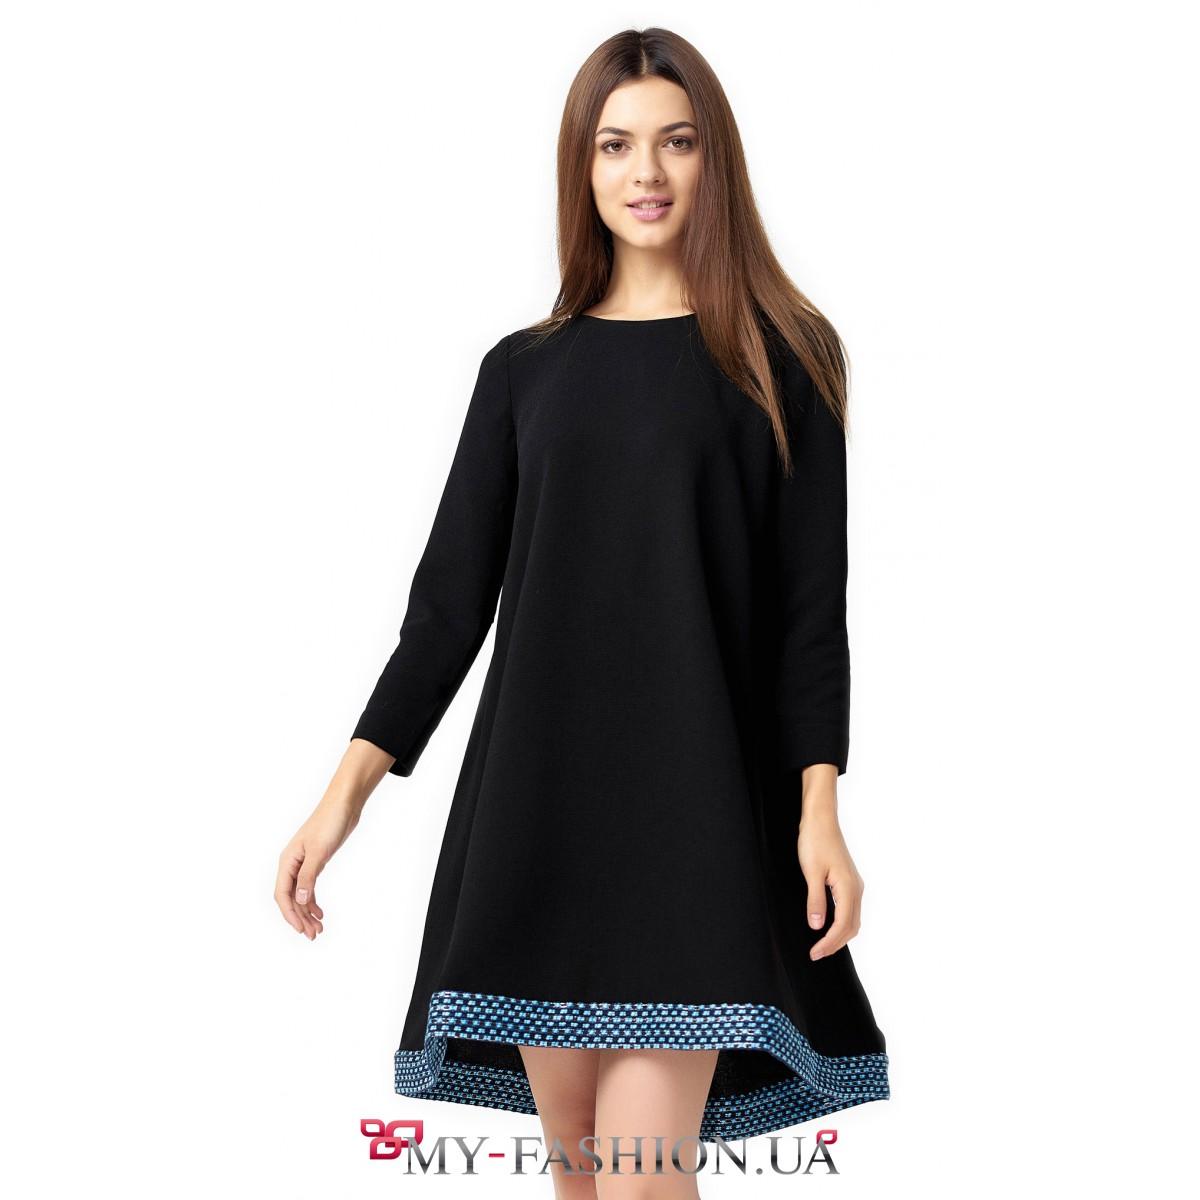 Купить платье а-образное